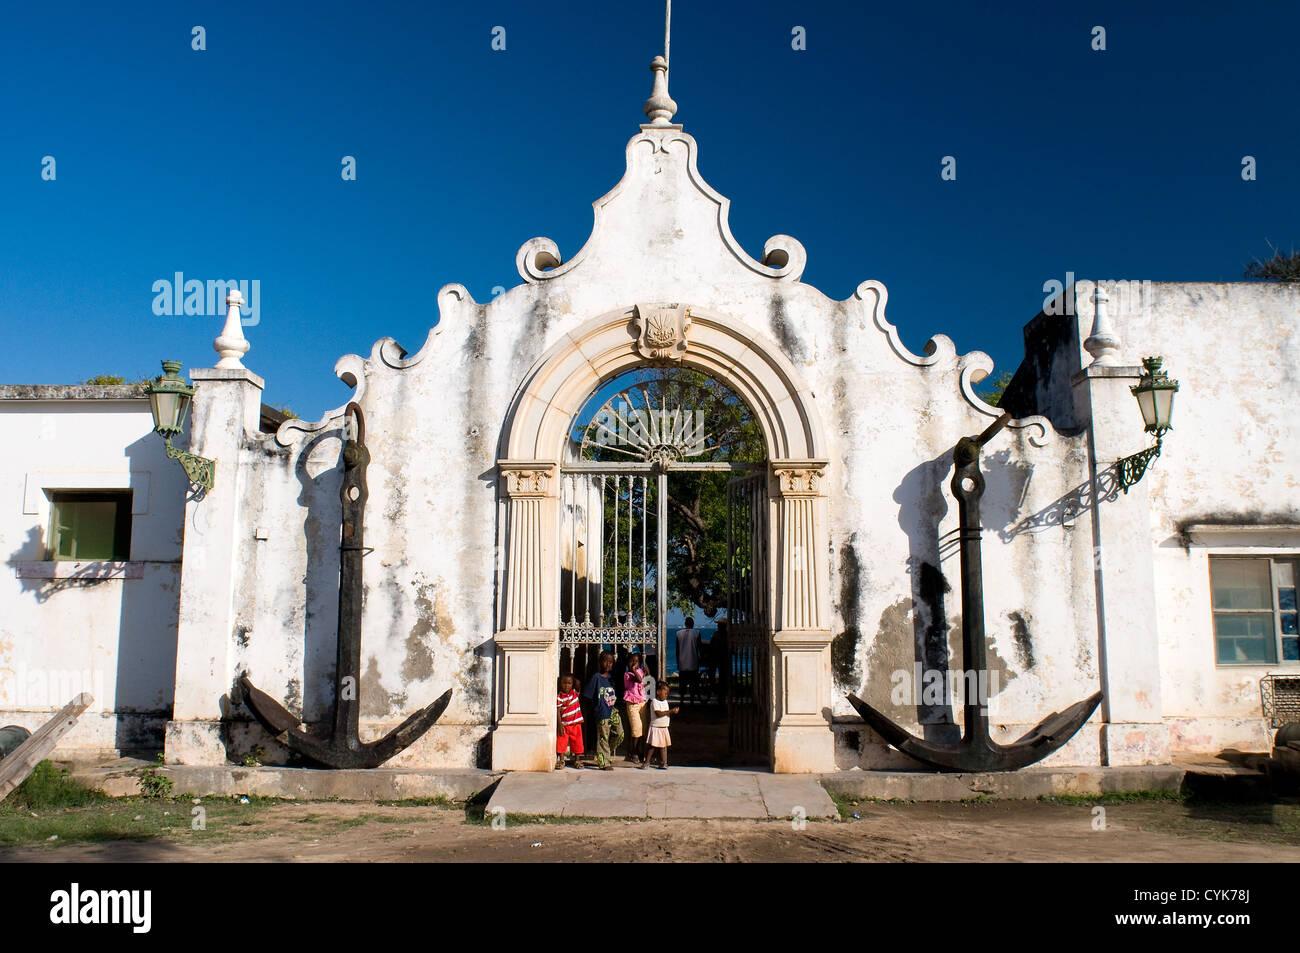 maritime administration building ilha de mozambique, mozambique - Stock Image